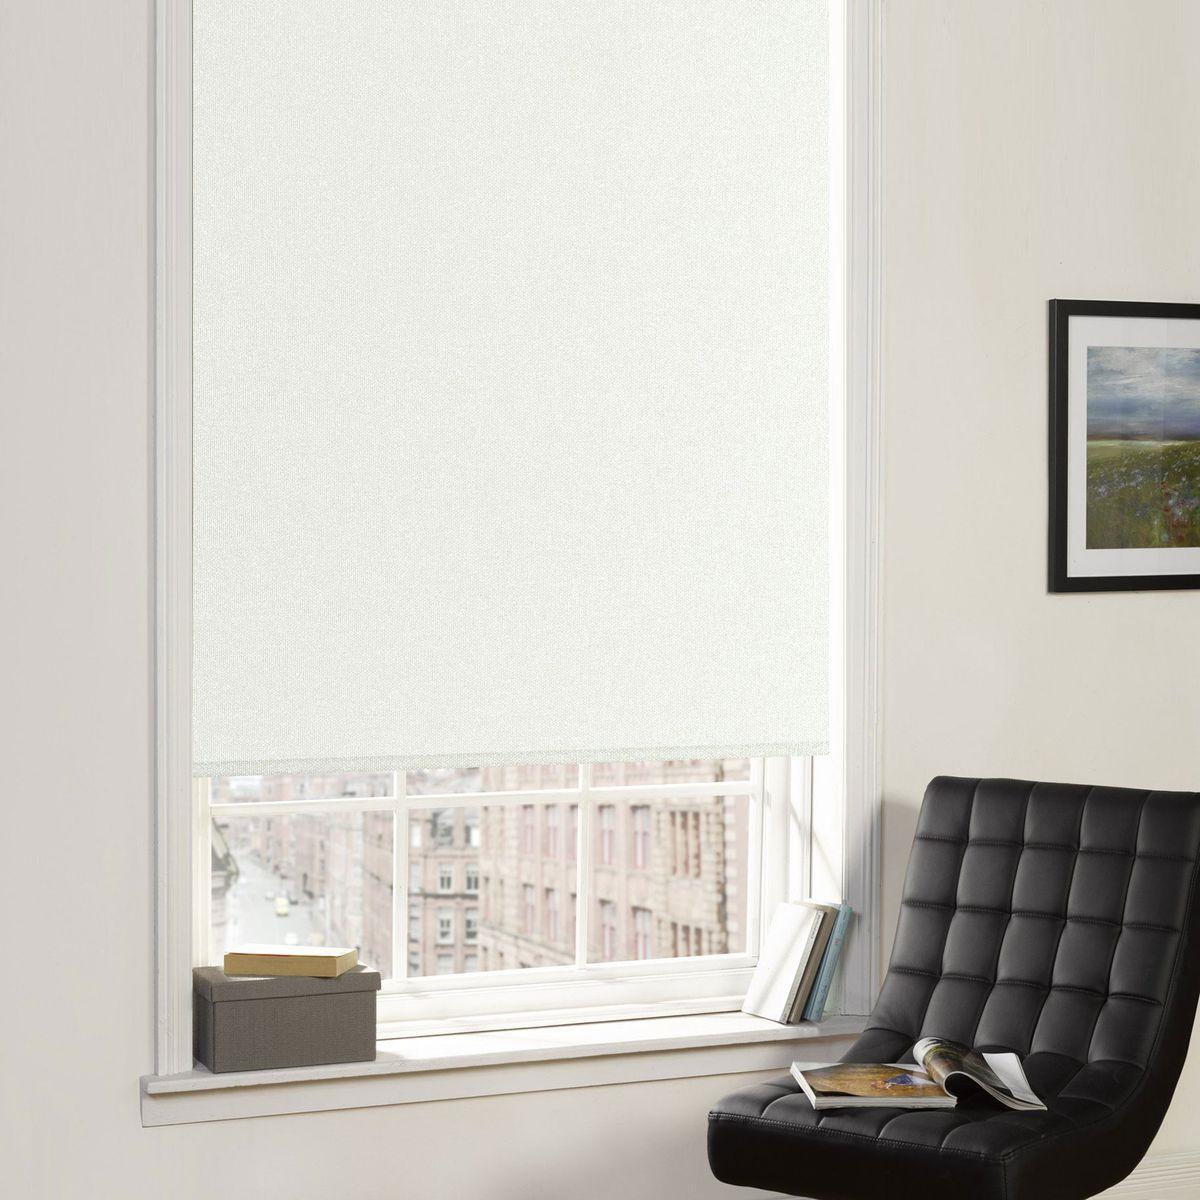 Рулонные шторы Garden (Текстиль) Blackout, Ширина80 см, Однотонный